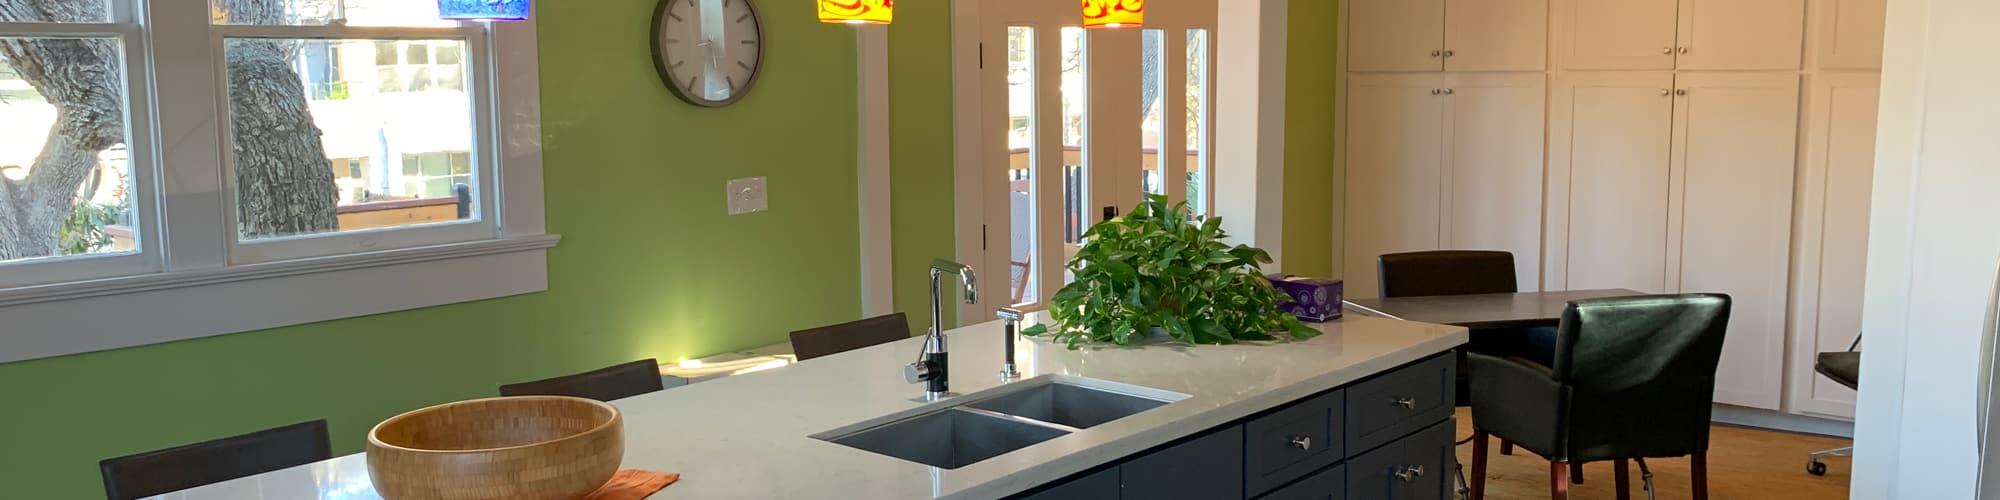 509 Oakland Kitchen